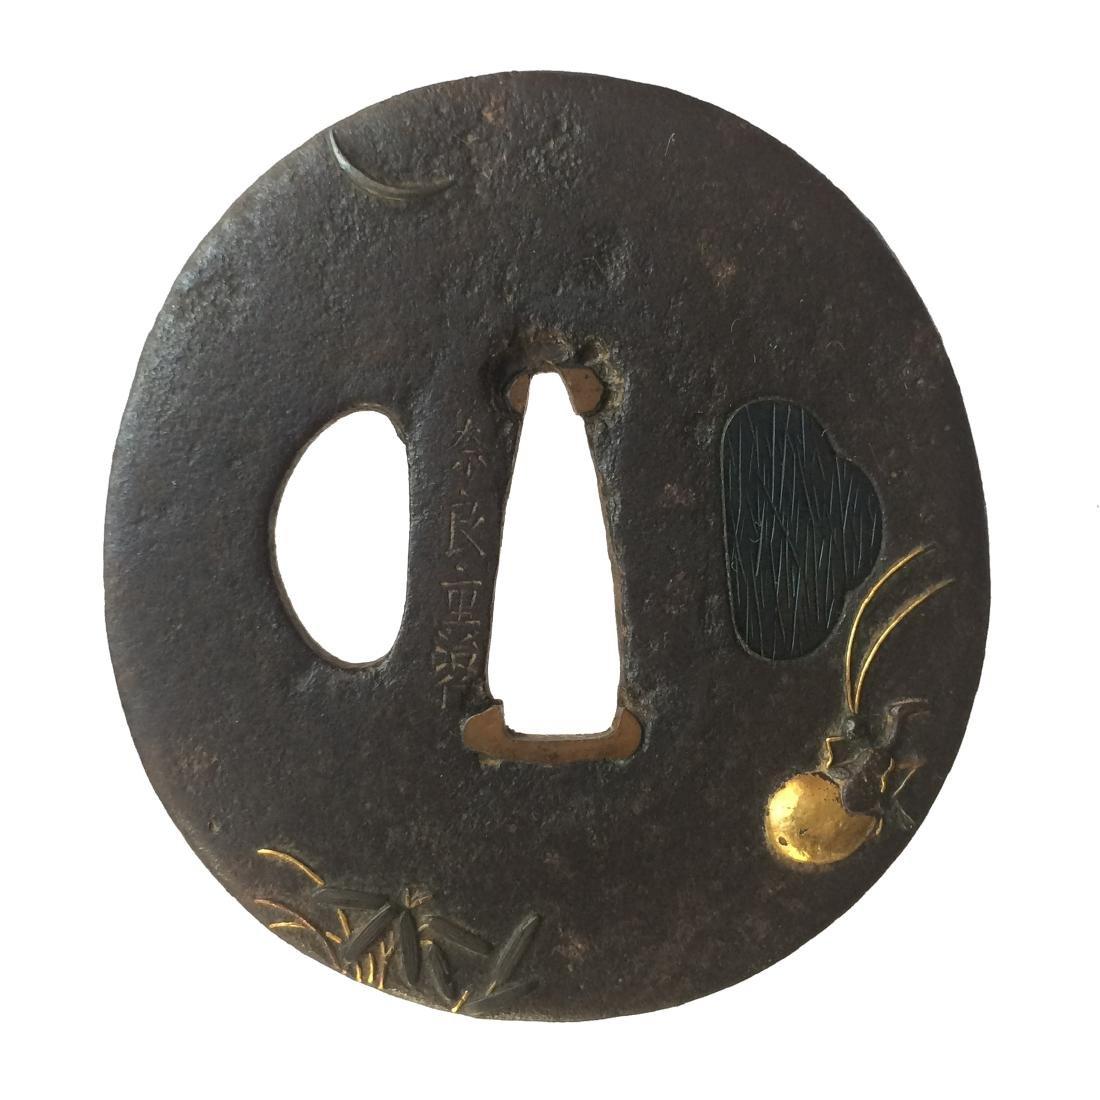 Signed iron tsuba by Nara Shigeharuwith shakudo and